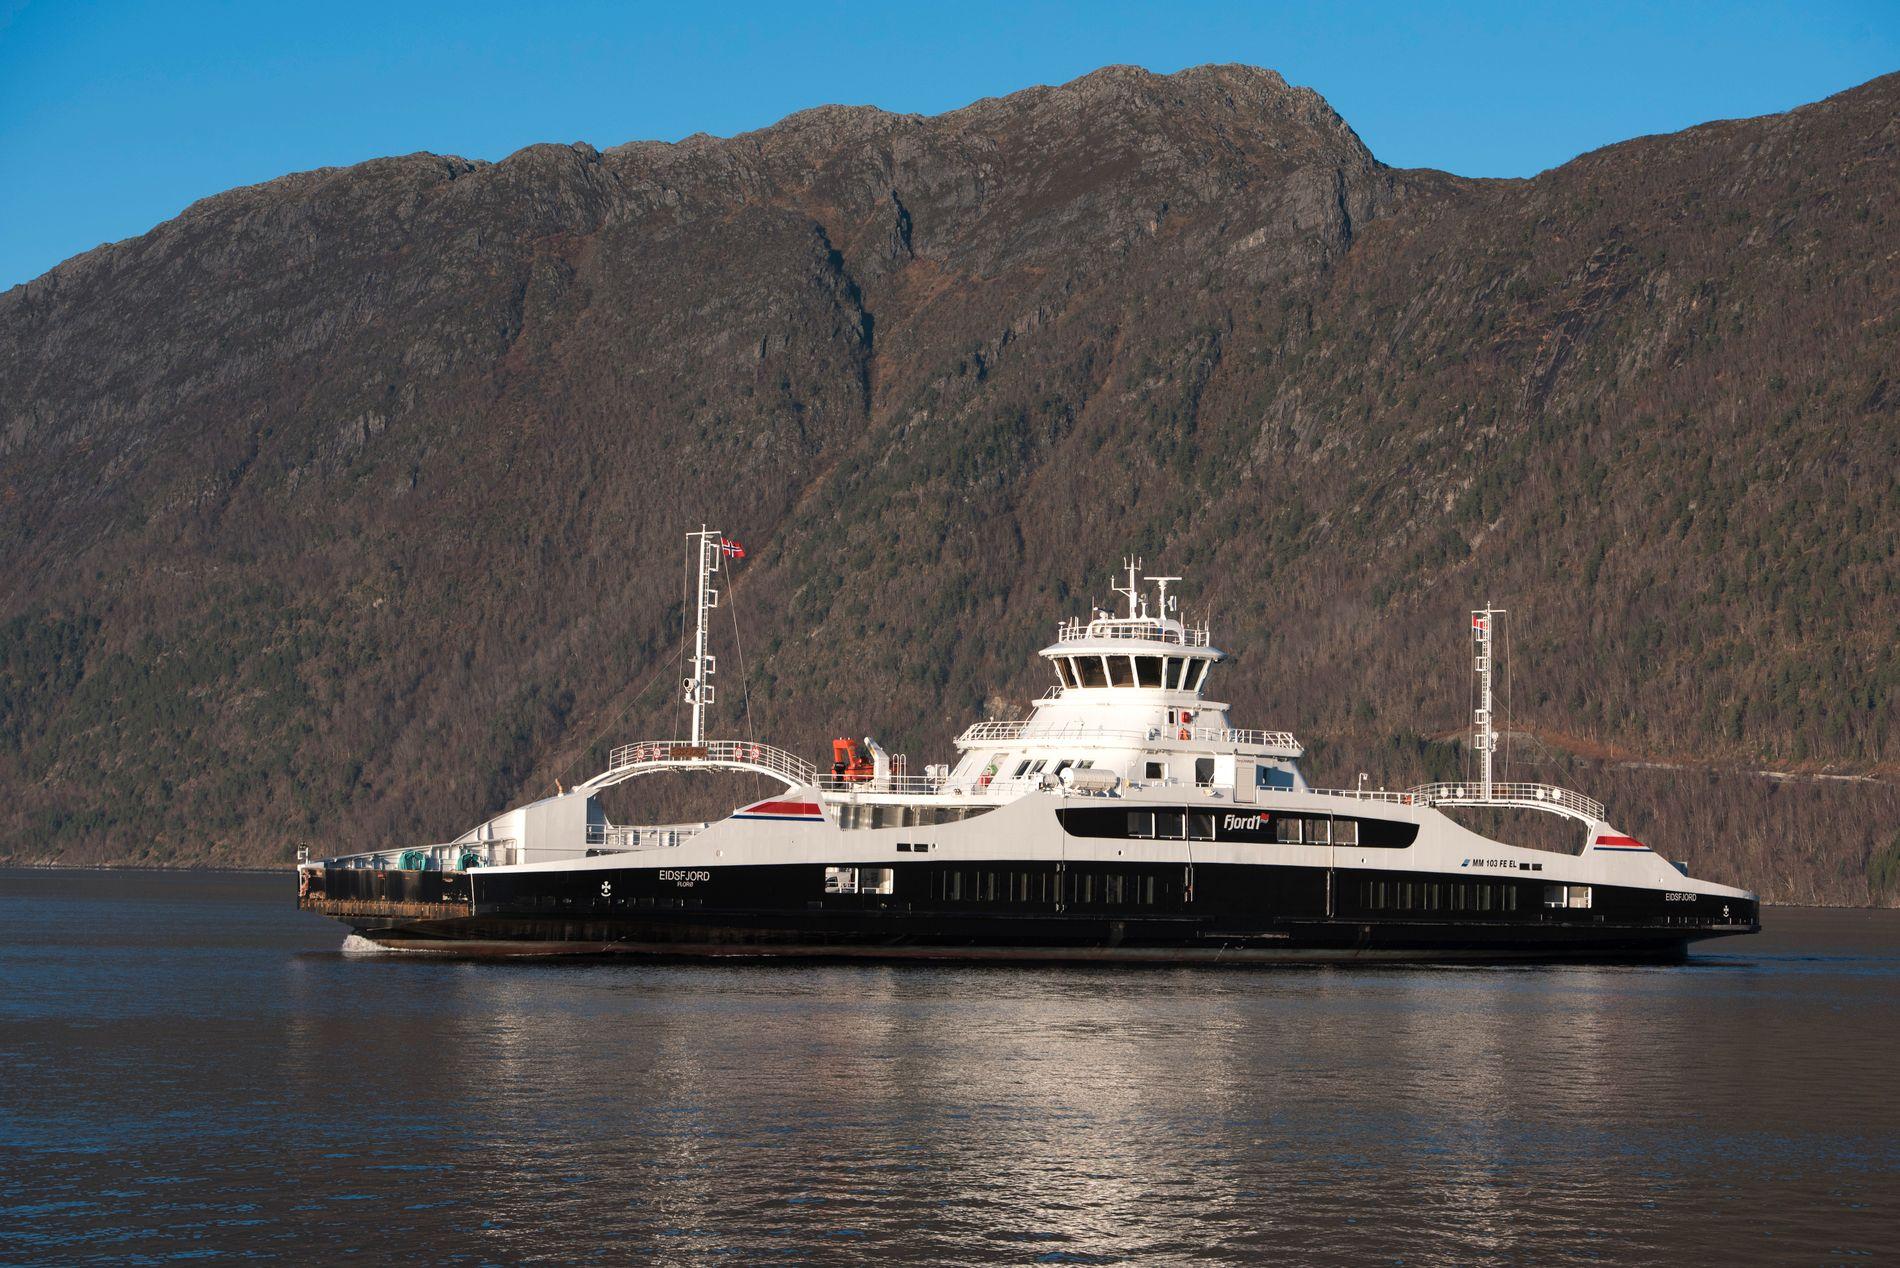 VINN-VINN: Vi oppnår stor miljøgevinst ved å satse ytterligere på batteridrevet båttrafikk. På denne måten kan vi også forbedre kollektivtransporten i distriktene, skriver innsender. Den elektriske fergen «Eidsfjord» går mellom Anda og Lote i Nordfjord.